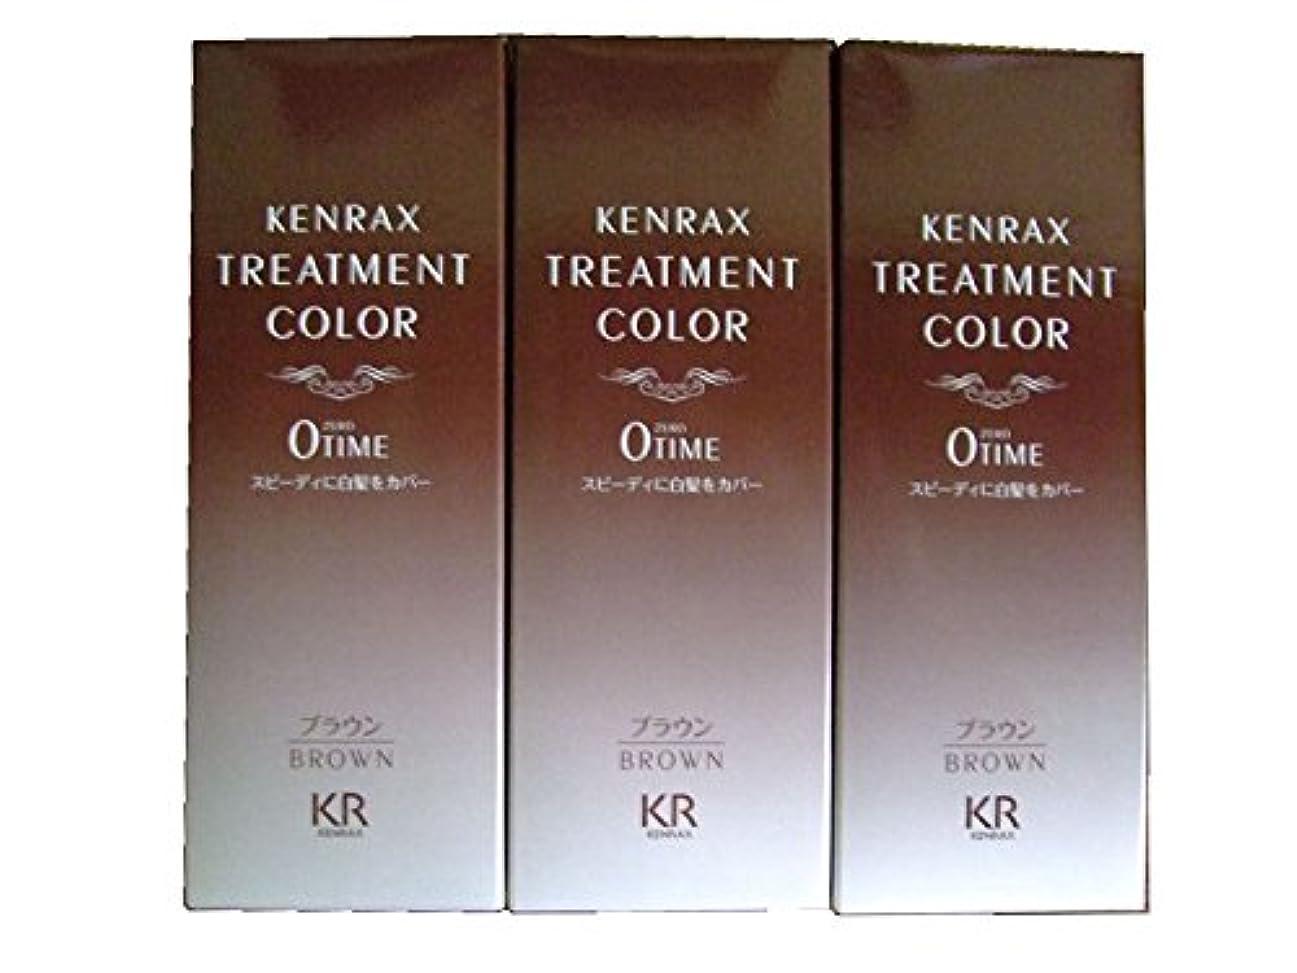 強大な新しさ食用ケンラックス トリートメントカラー ブラウン(染毛料)160g[ヘアマニキュアタイプ] 3個セット